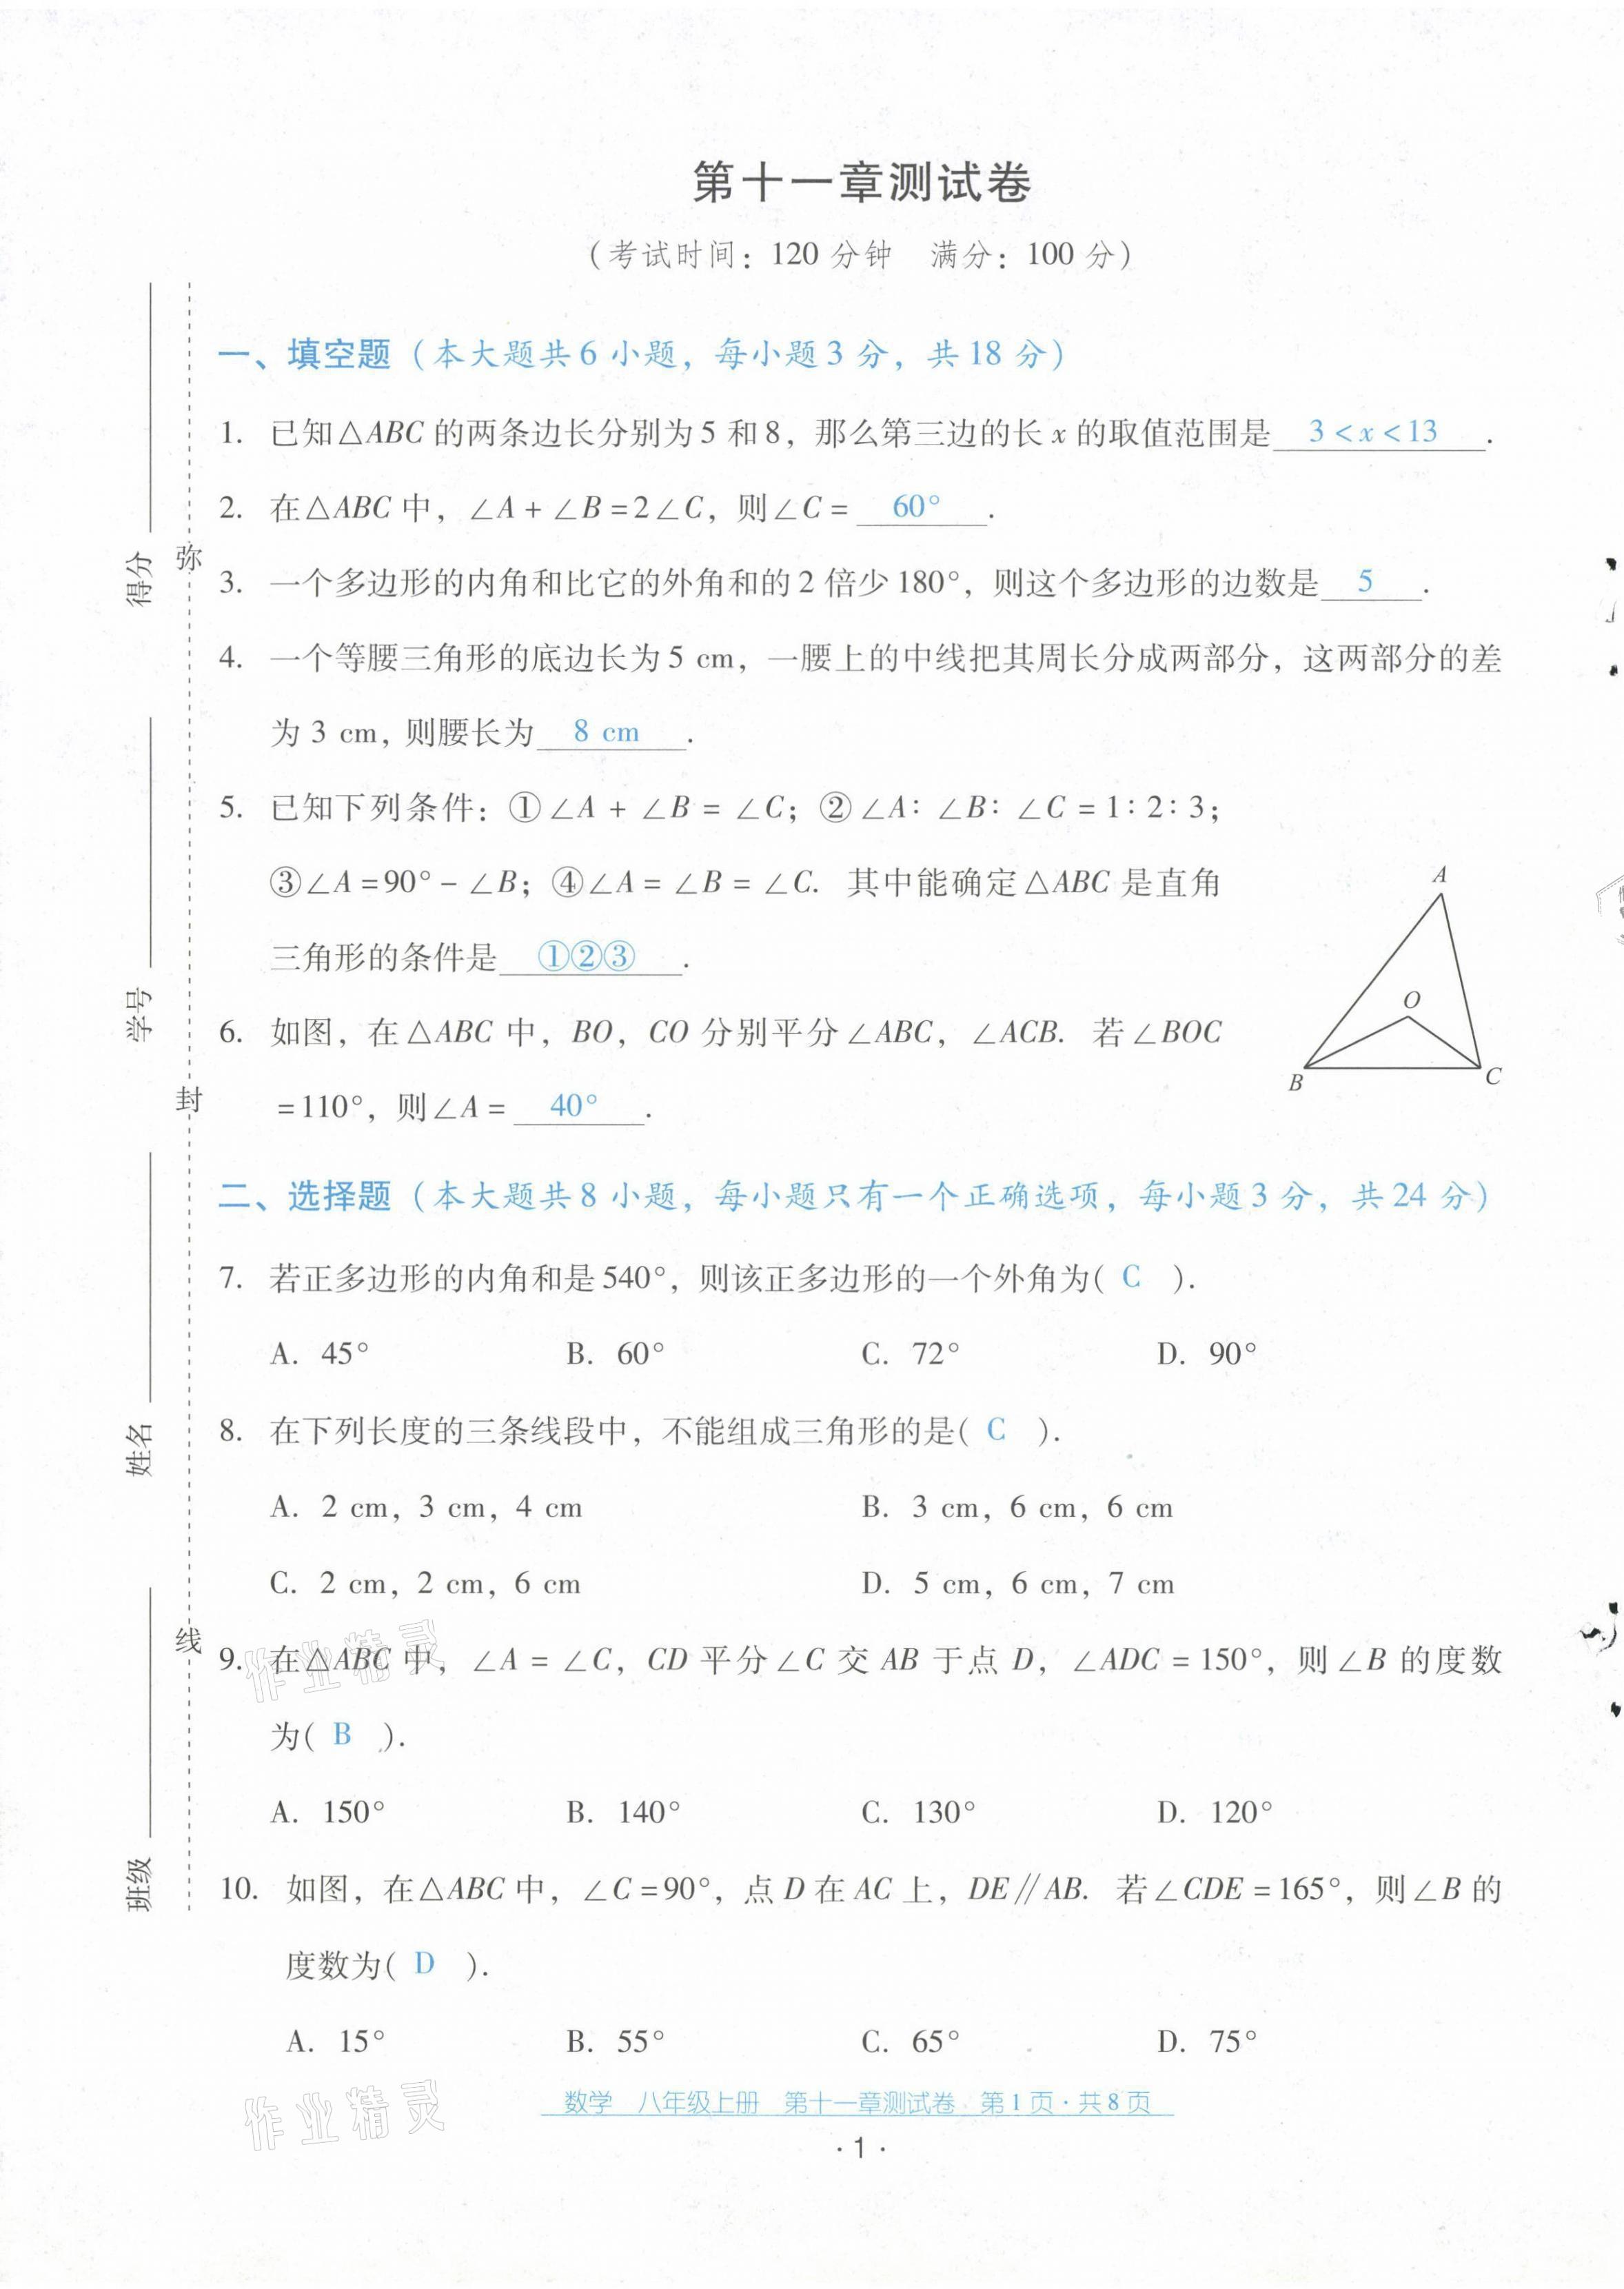 2021年云南省标准教辅优佳学案配套测试卷八年级数学上册人教版第1页